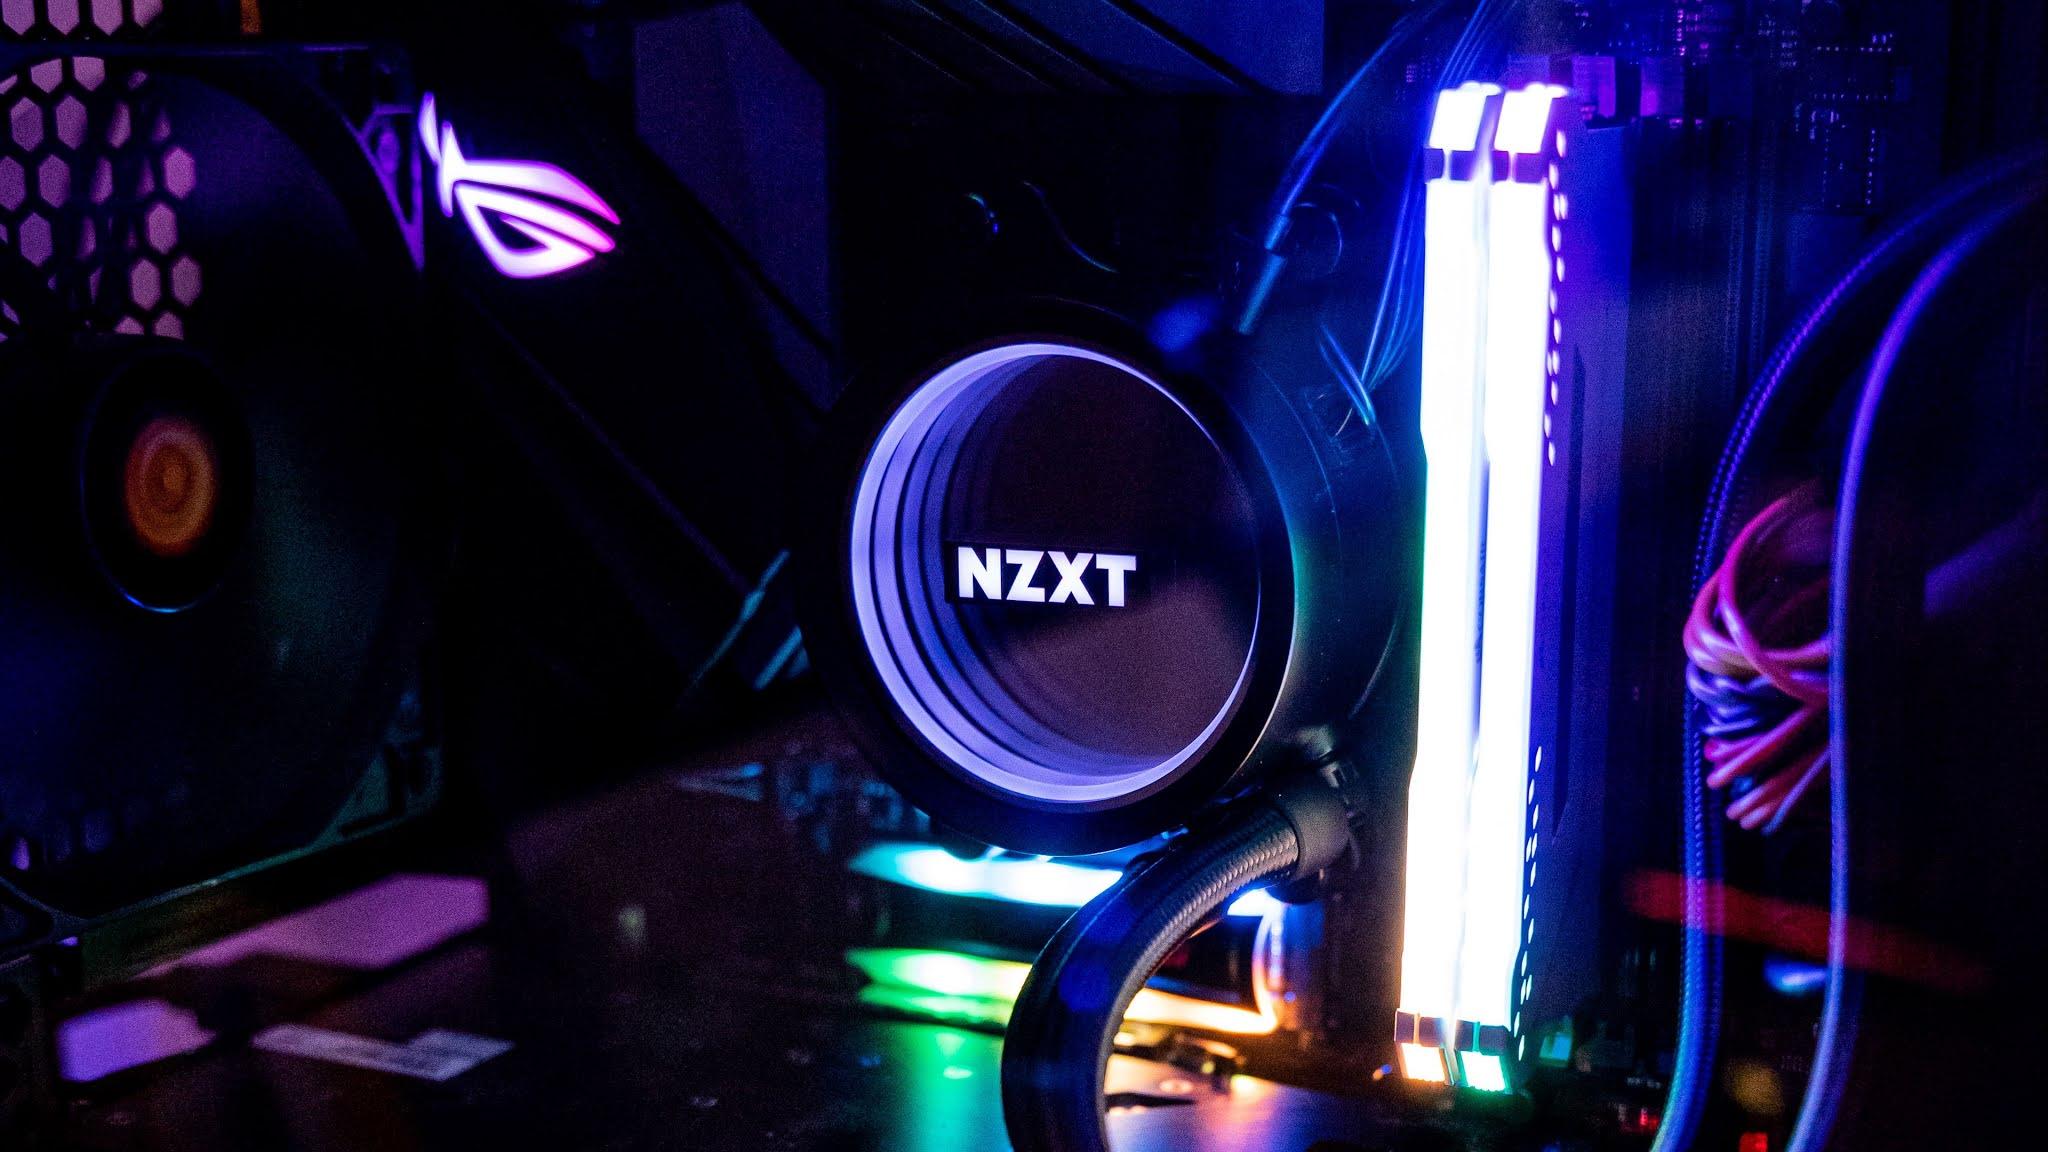 Pc Case Neon Modding Hd Wallpaper Pc case neon modding hd wallpaper